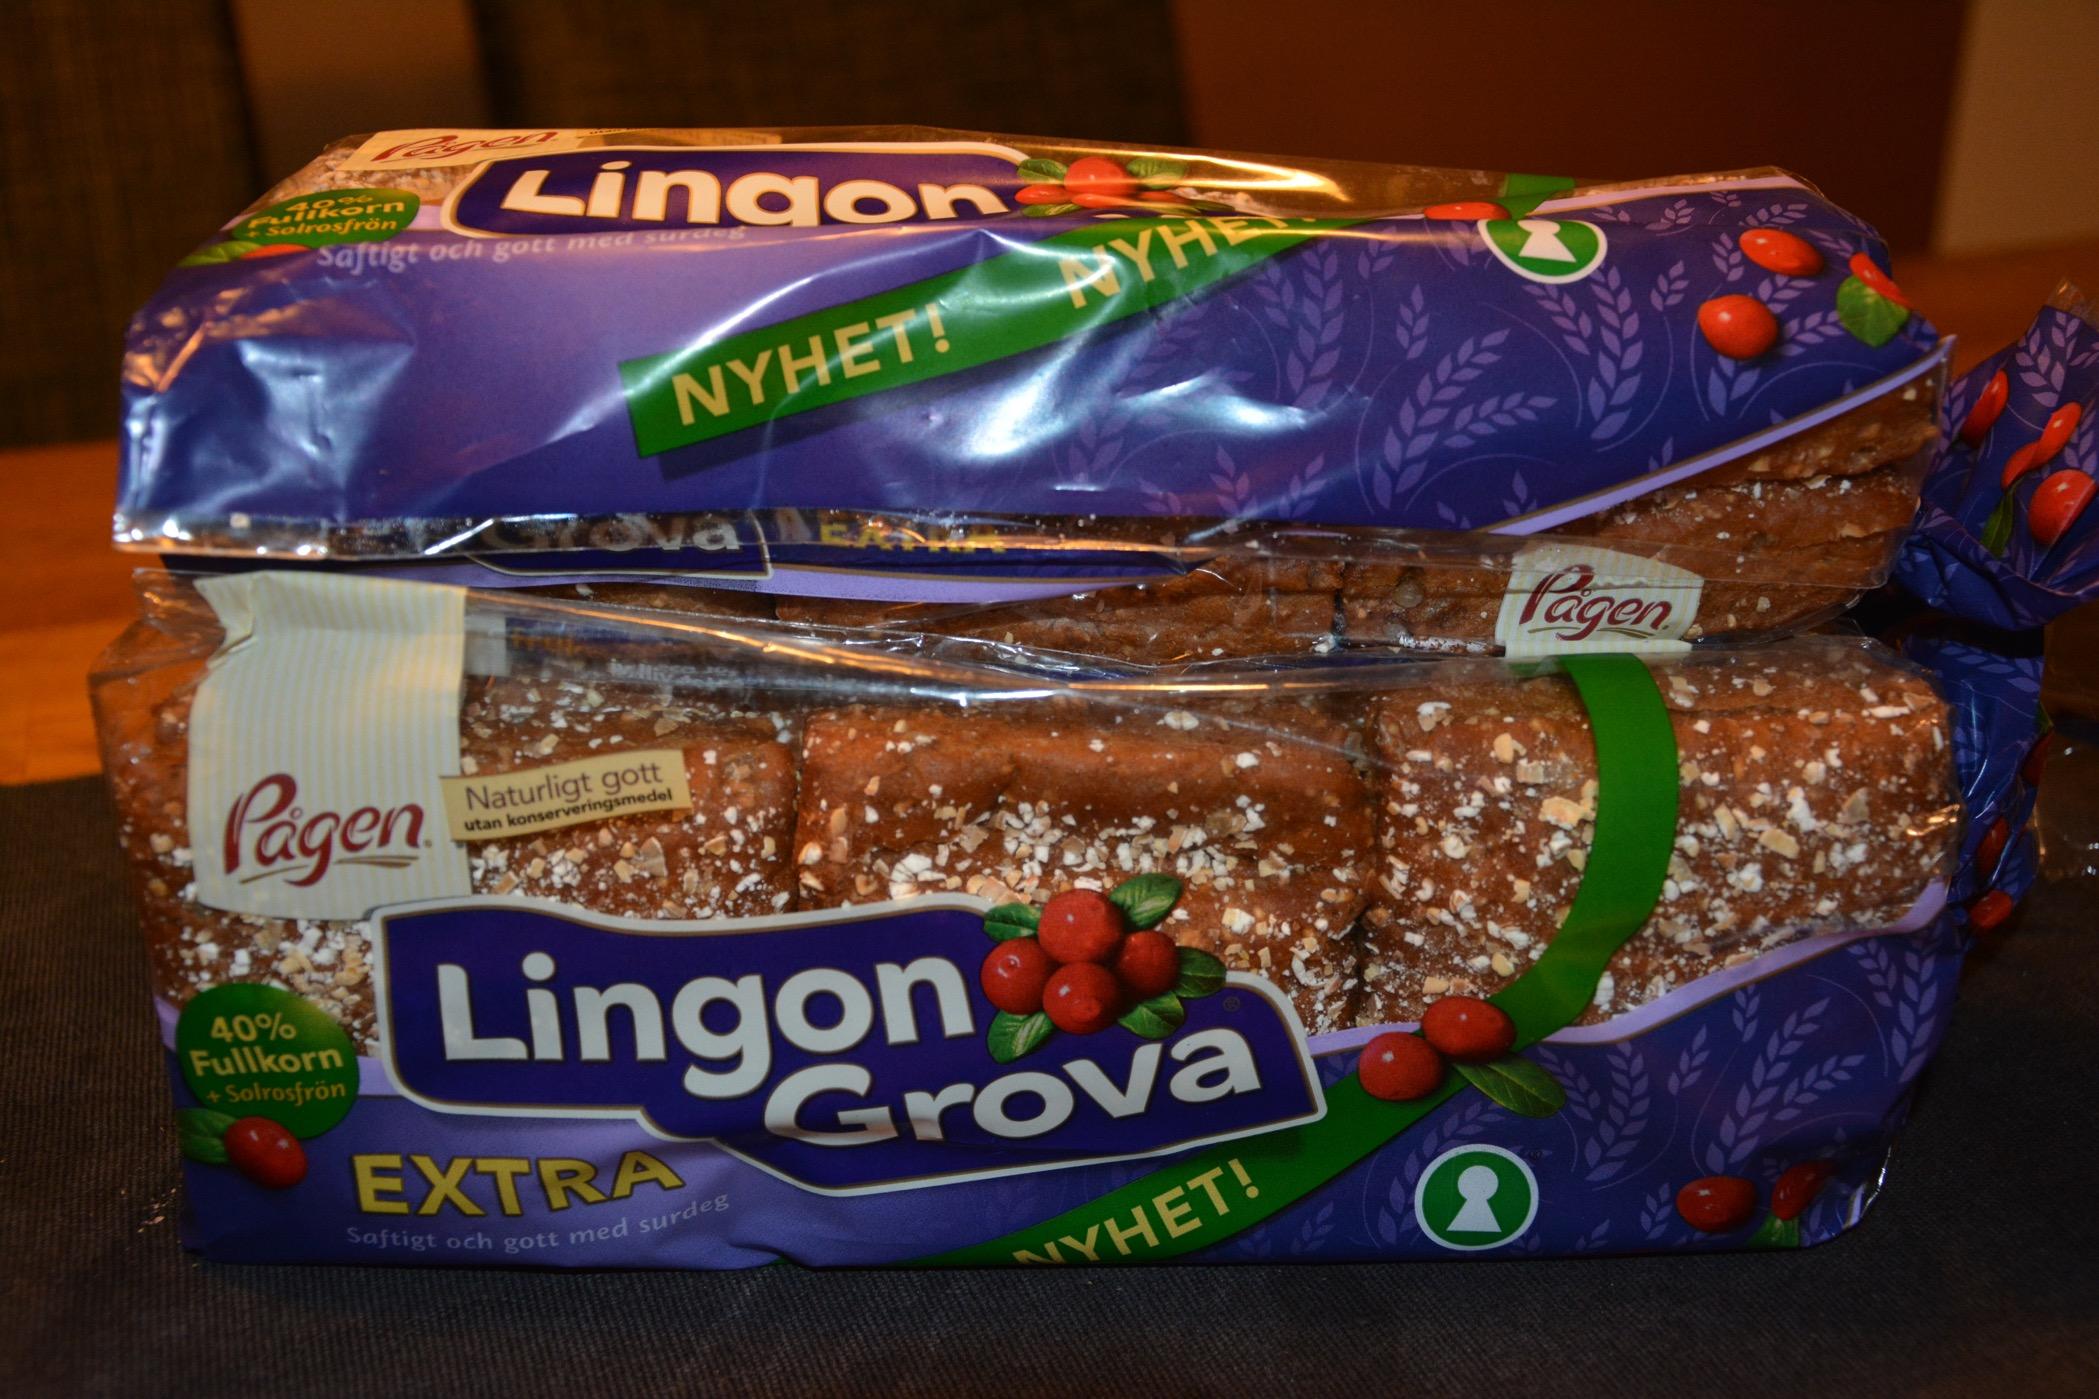 Lingongrova extra